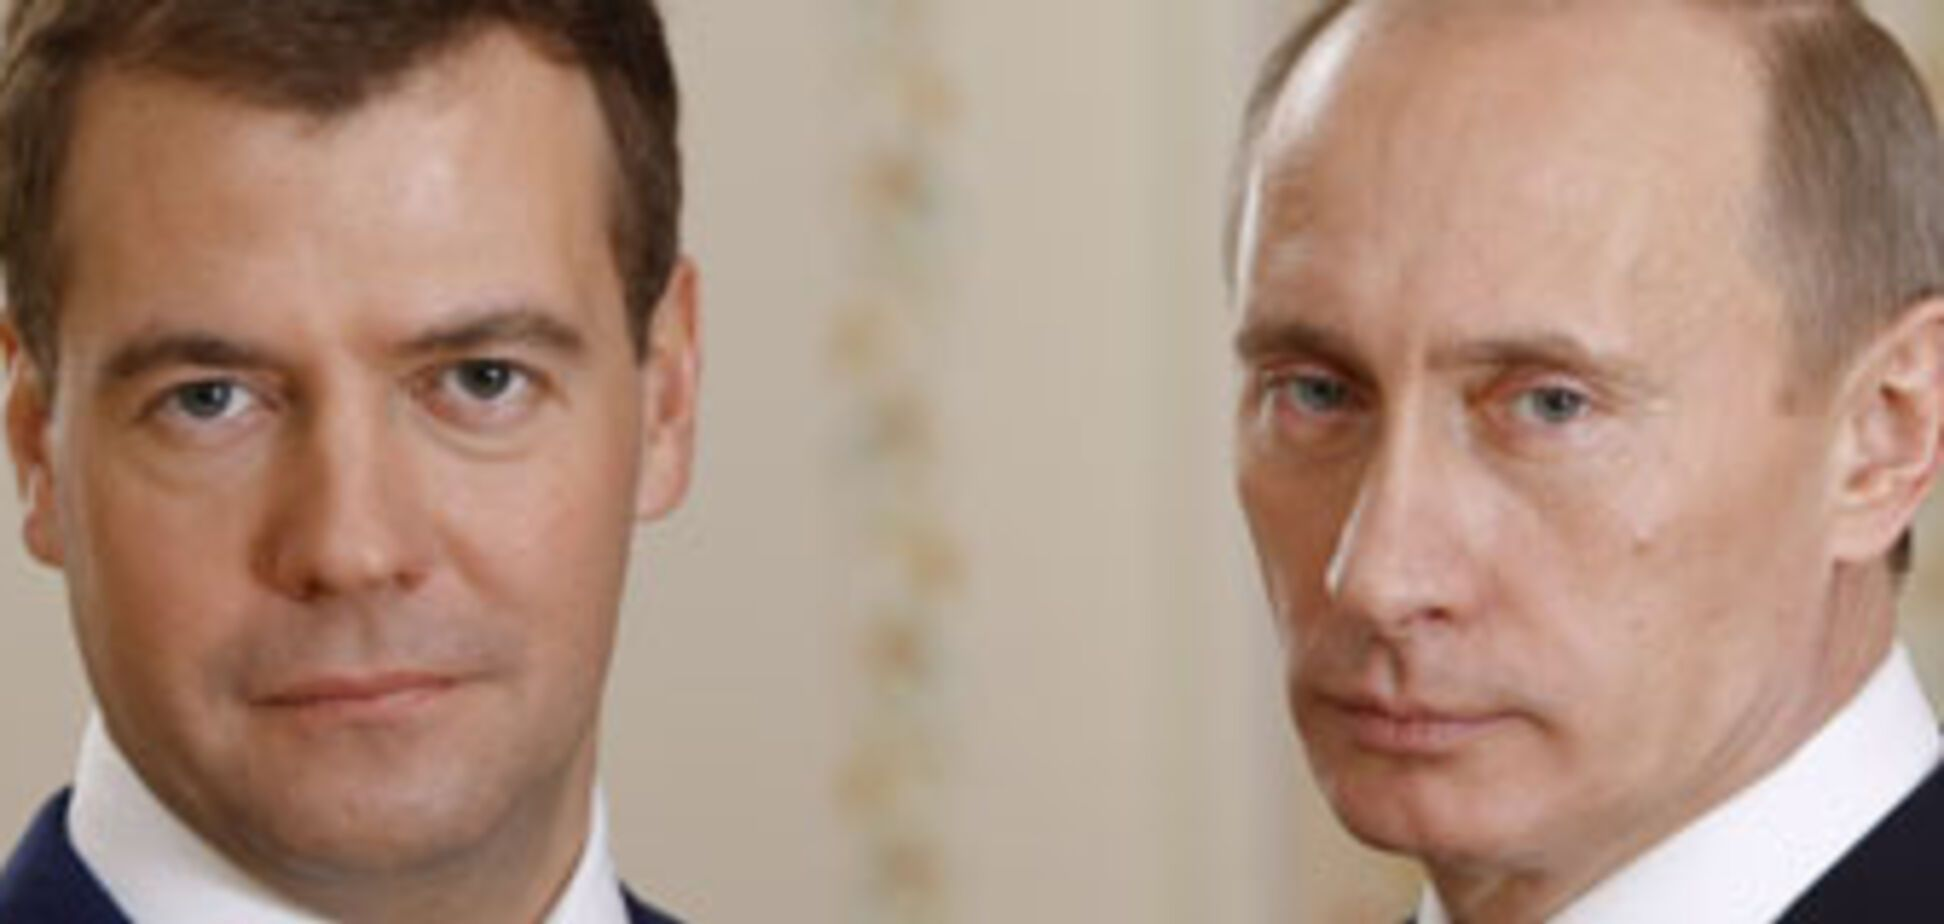 Росіяни дивляться на Медведєва, але думають про Путіна